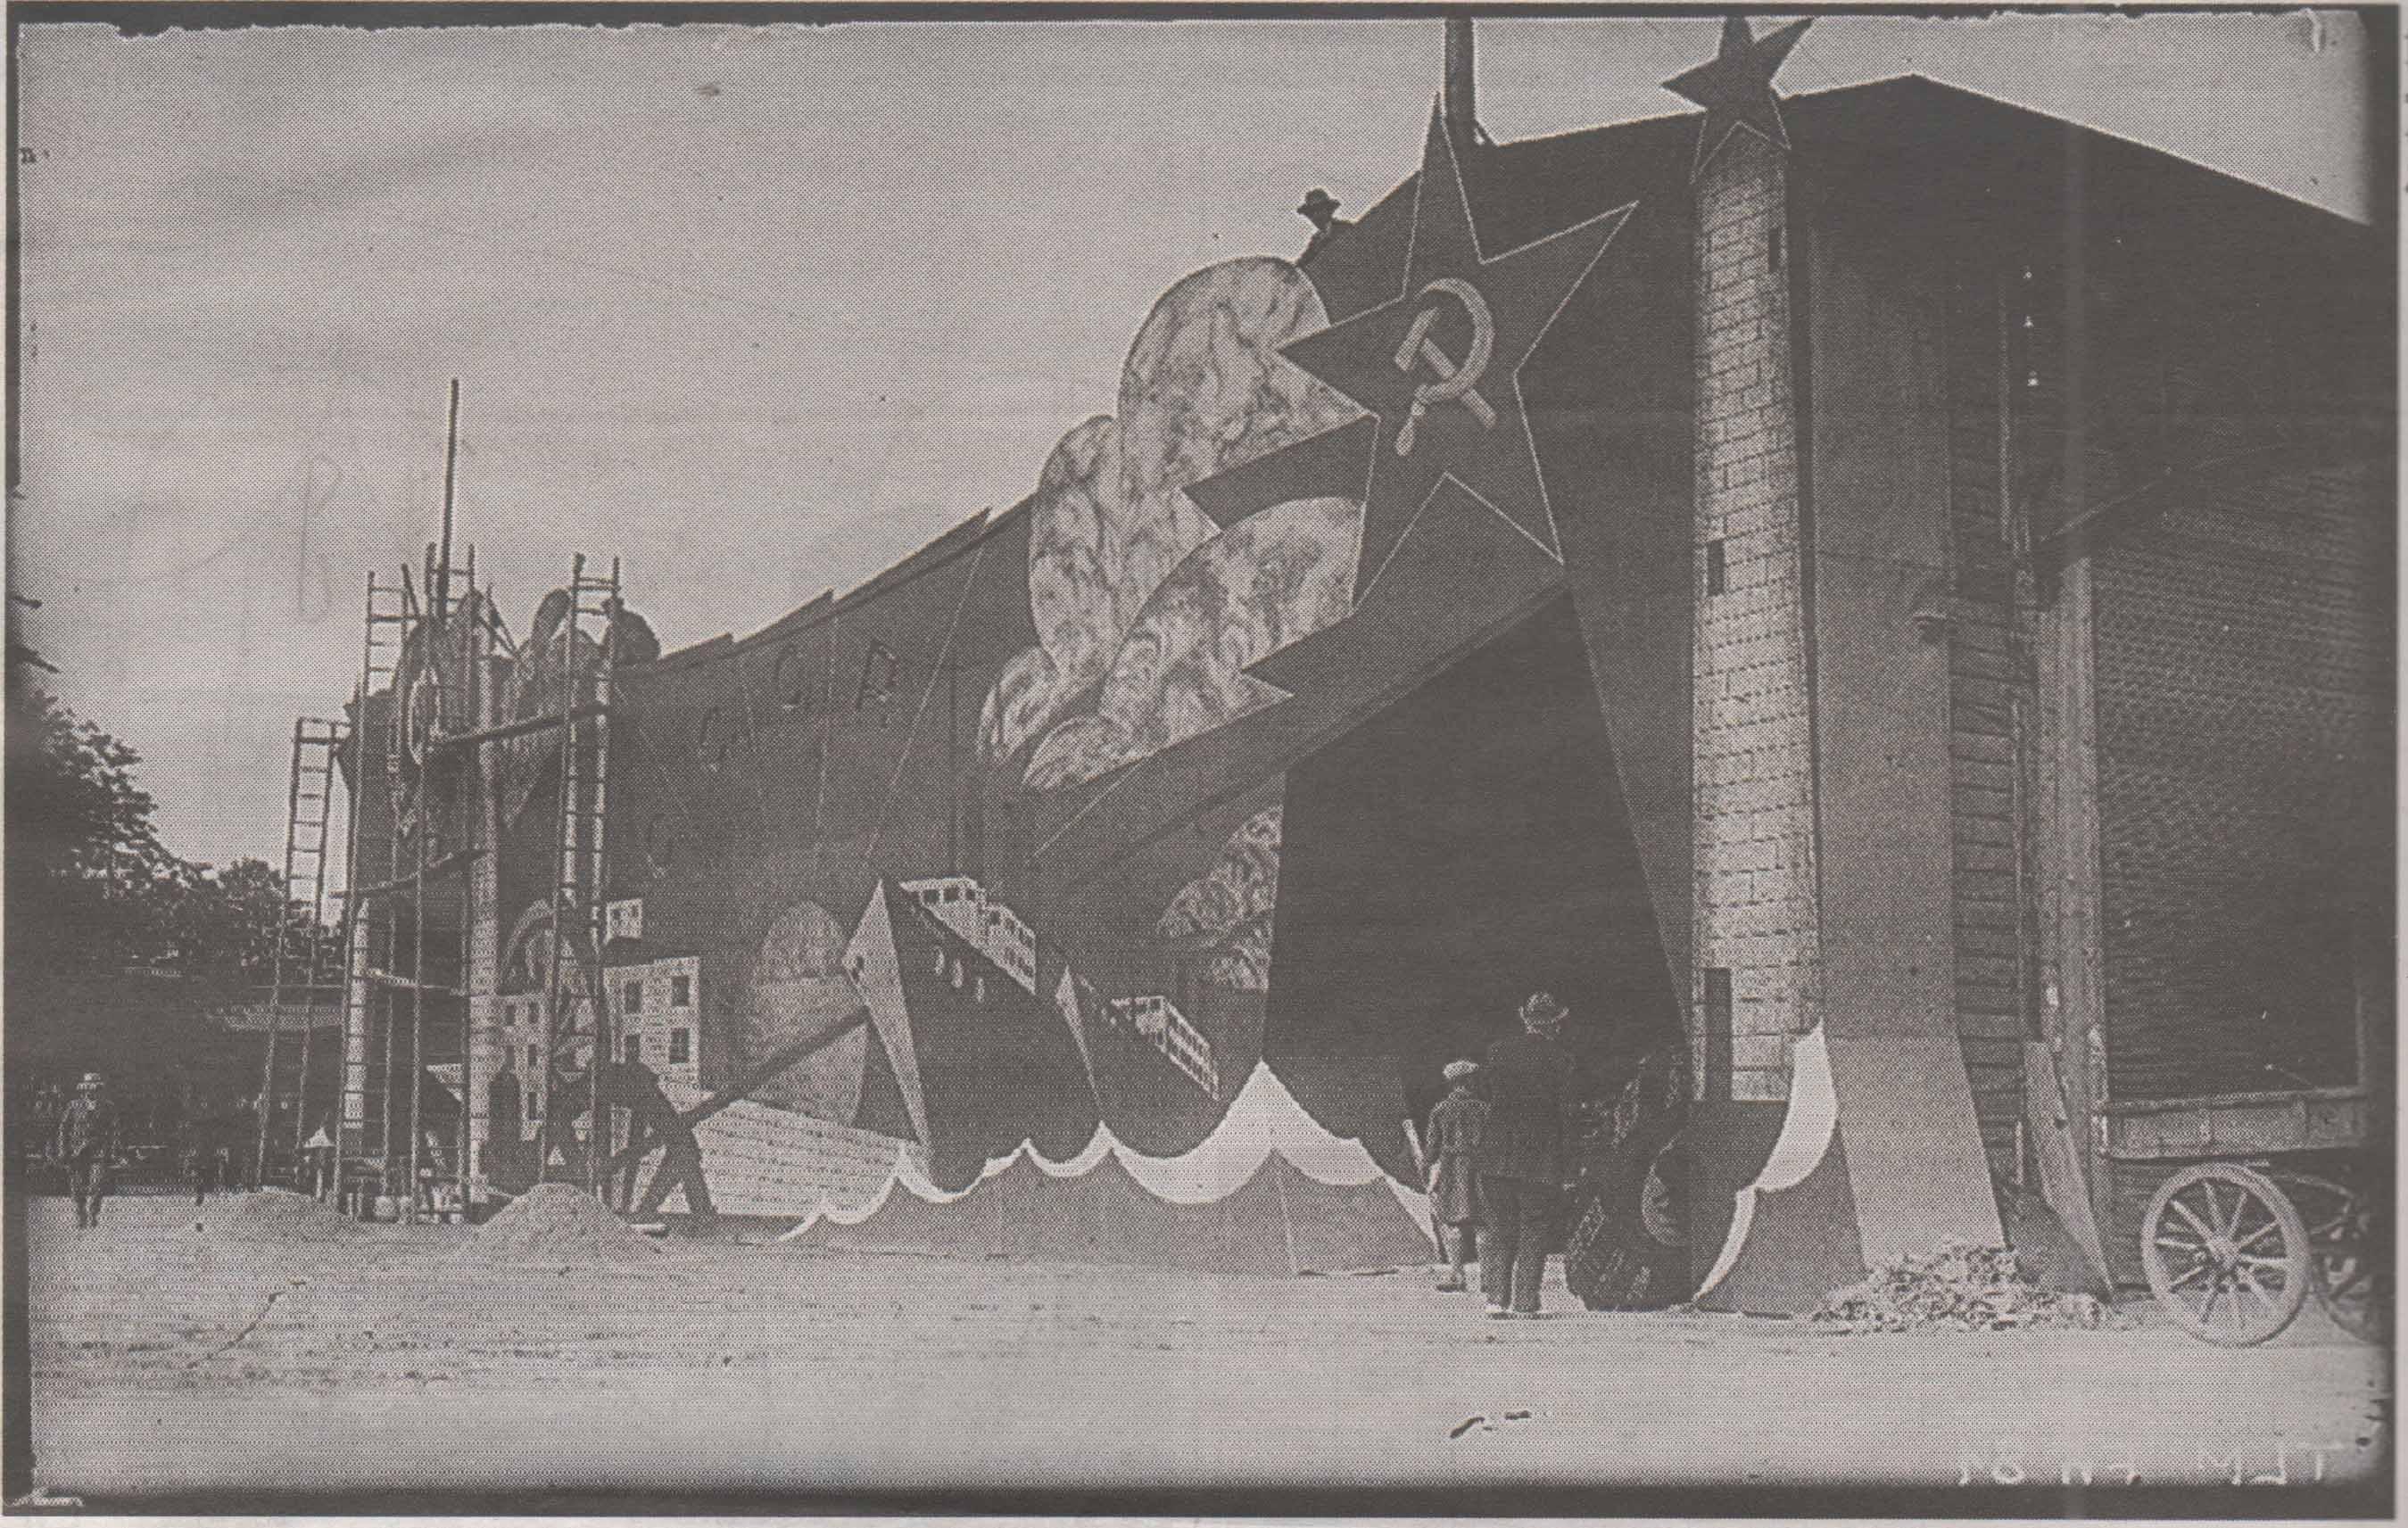 Советский павильон на Таллиннской международной выставке-ярмарке. Снимок второй половины двадцатых годов.